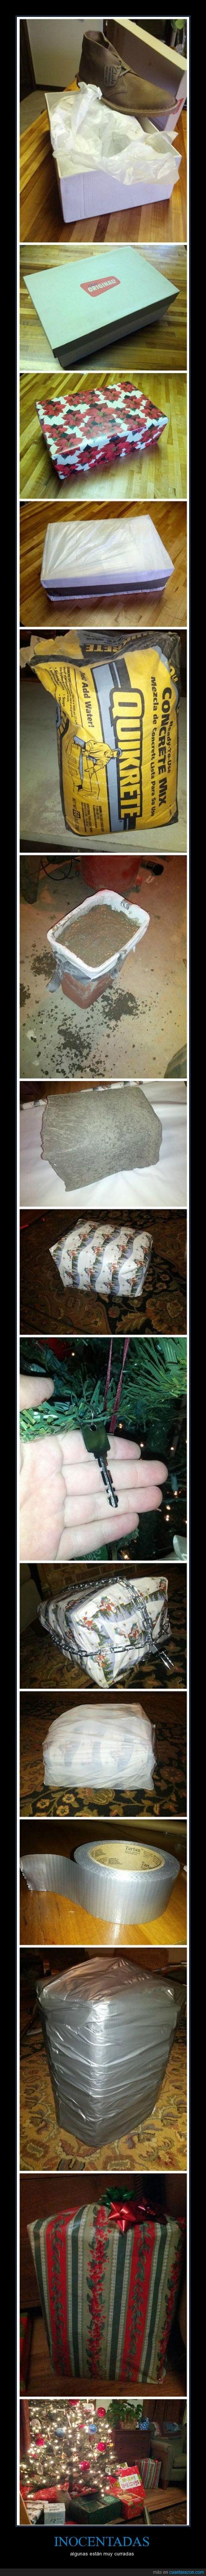 caja vacia,cemento,envolver,inocentada,navidad,regalo,zapatos